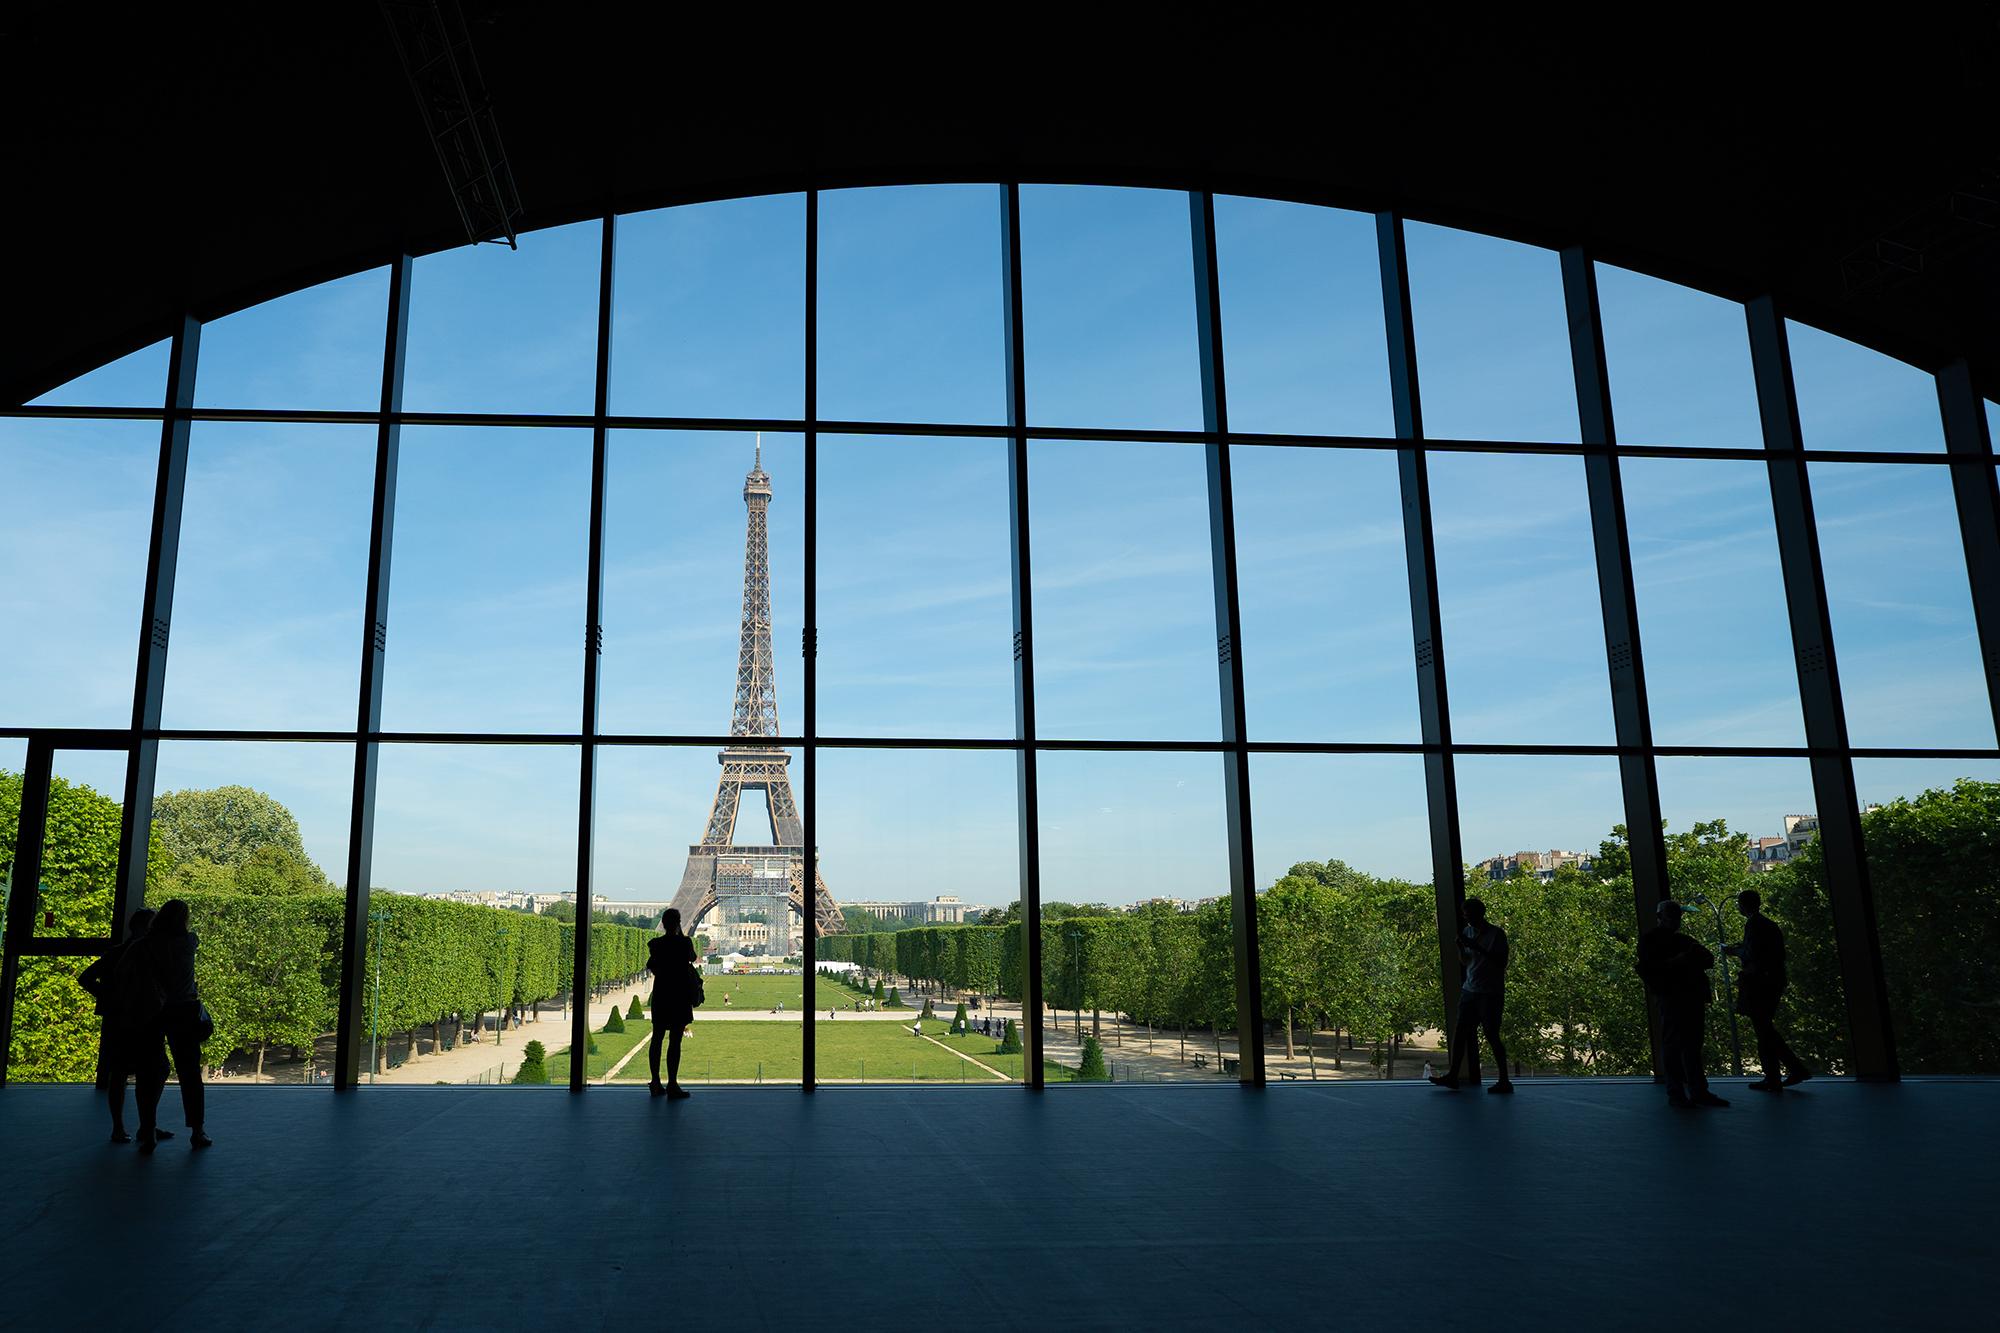 「グラン・パレの代替施設「グラン・パレ・エフェメール」がエッフェル塔の目の前に登場。」のアイキャッチ画像